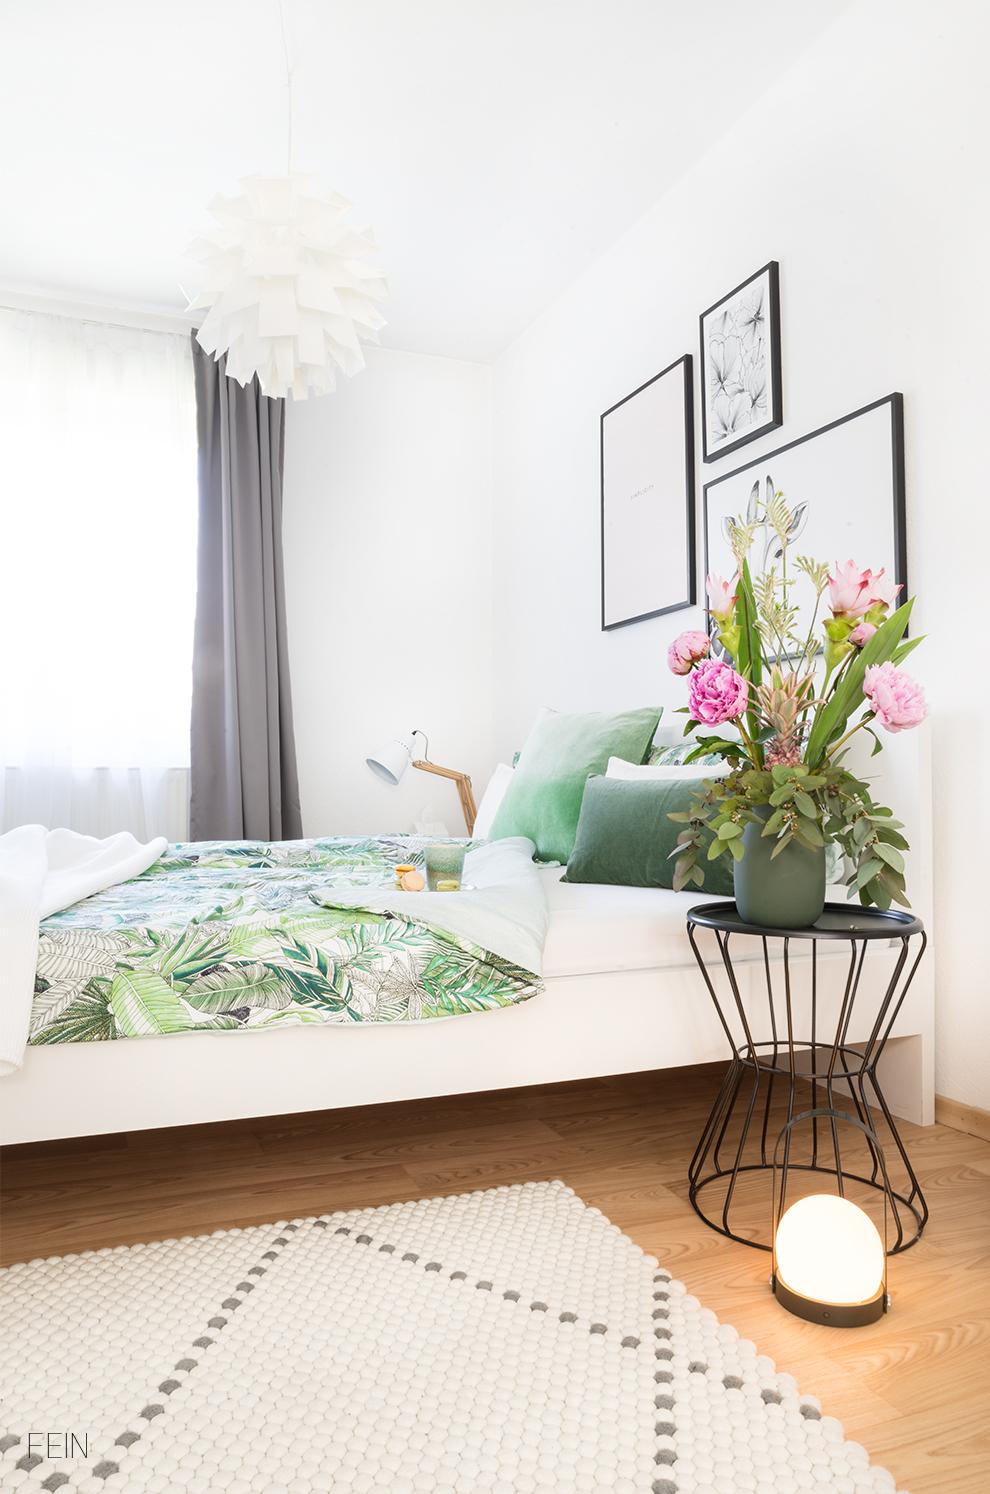 Dschungel Schlafzimmer Bettwäsche exotisch